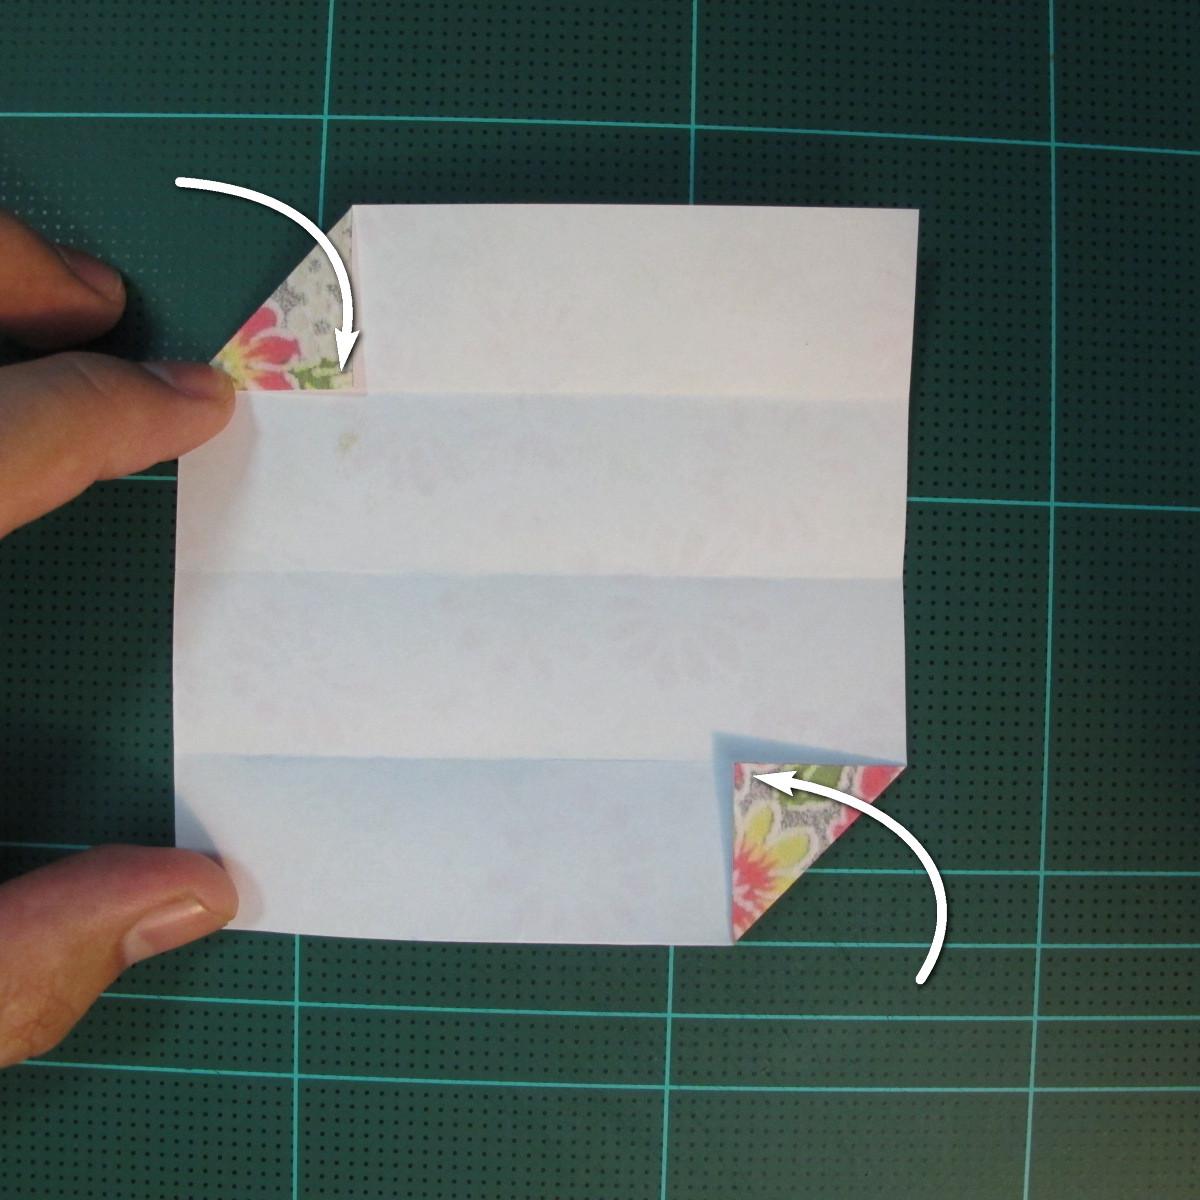 การพับกระดาษเป็นรูปเรขาคณิตทรงลูกบาศก์แบบแยกชิ้นประกอบ (Modular Origami Cube) 006